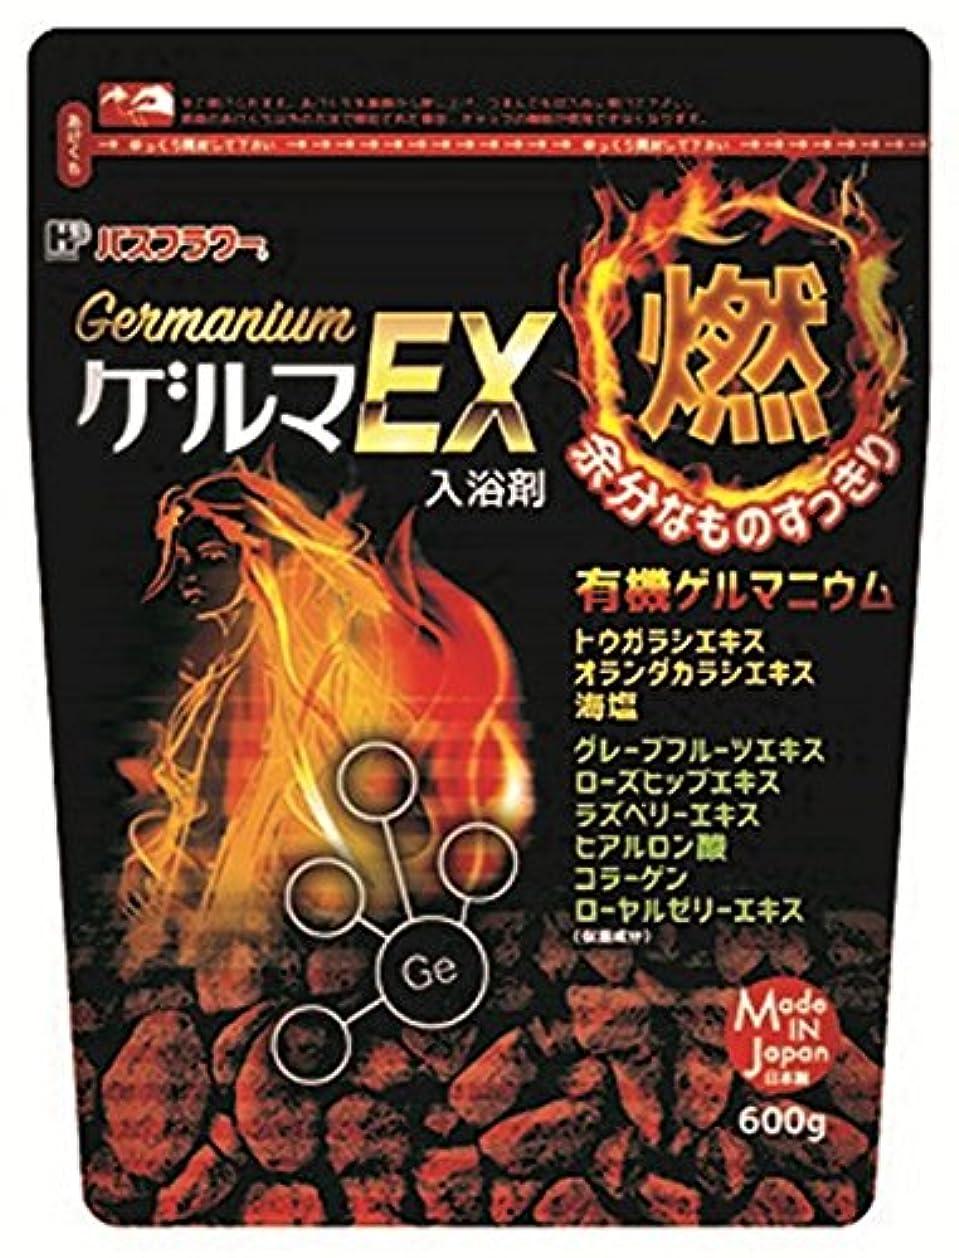 爆発物恒久的透明にヘルス バスフラワー 入浴剤 発汗促進タイプ ゲルマEX 600g